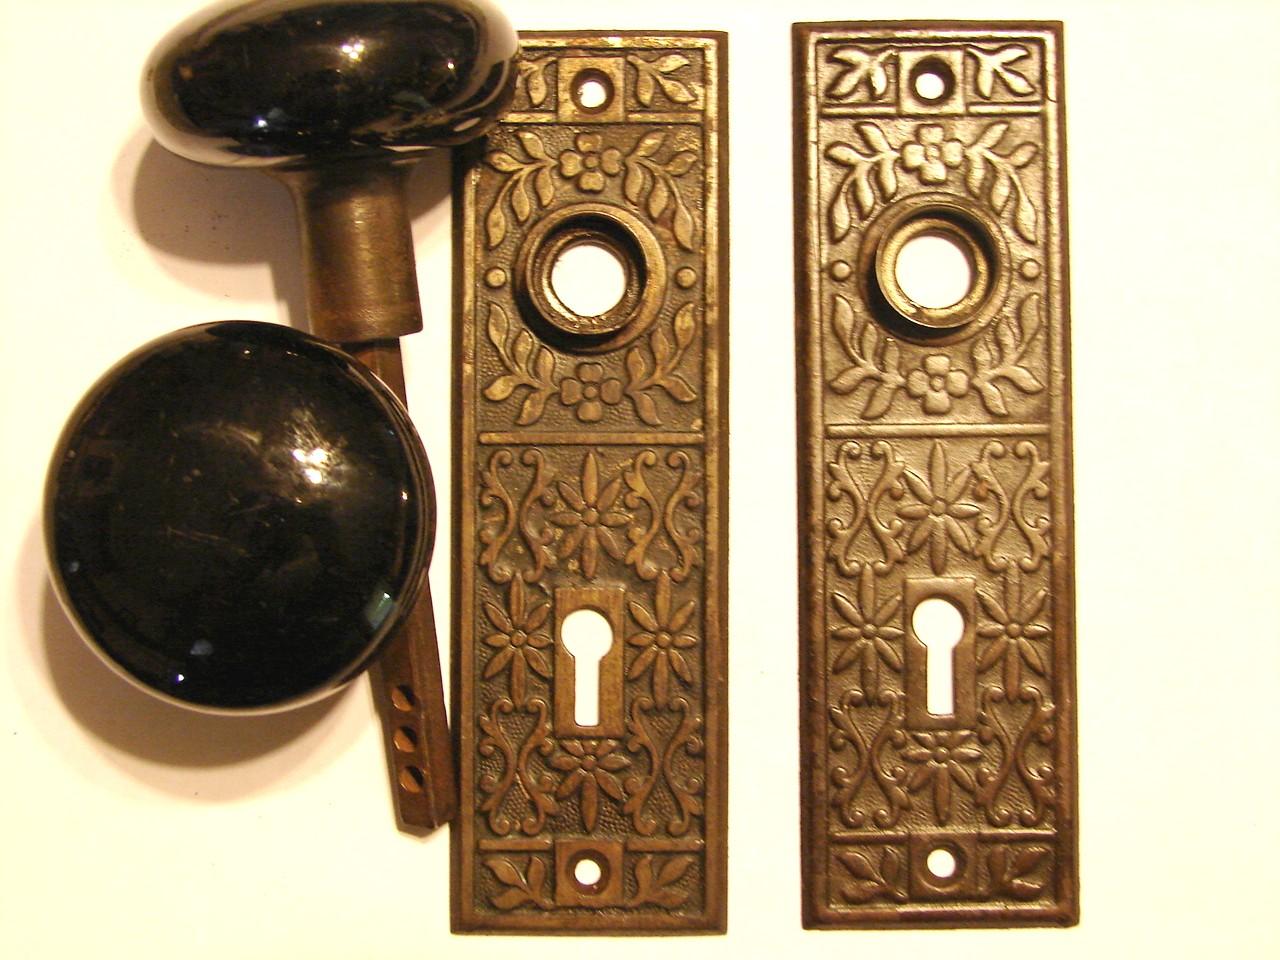 craftsman style door knobs photo - 12